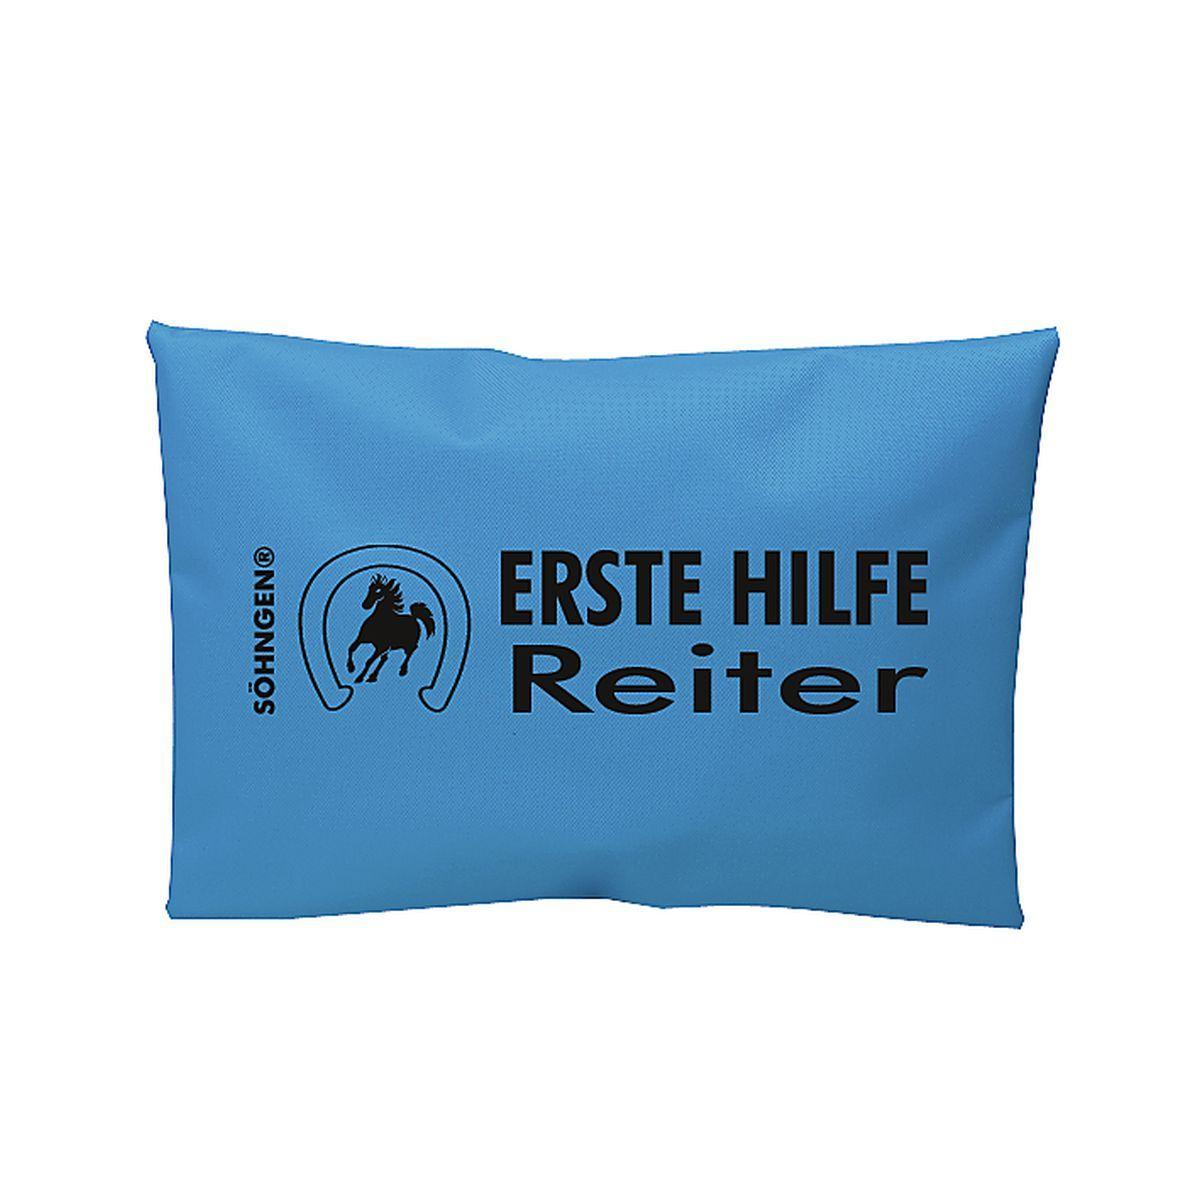 Erste Hilfe Reiter blau